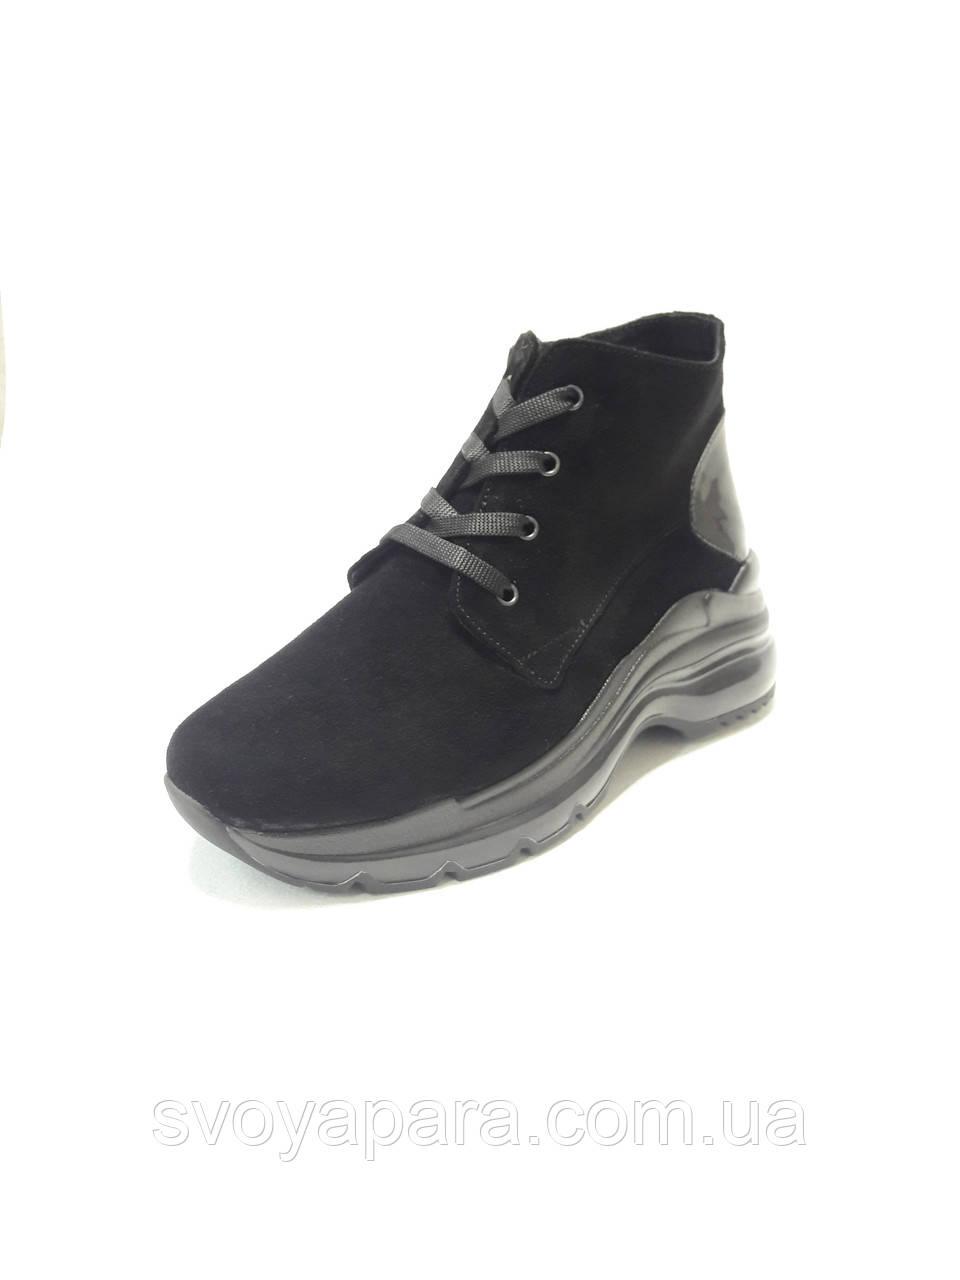 Женские демисезонные ботинки чёрные замшевые (100202)